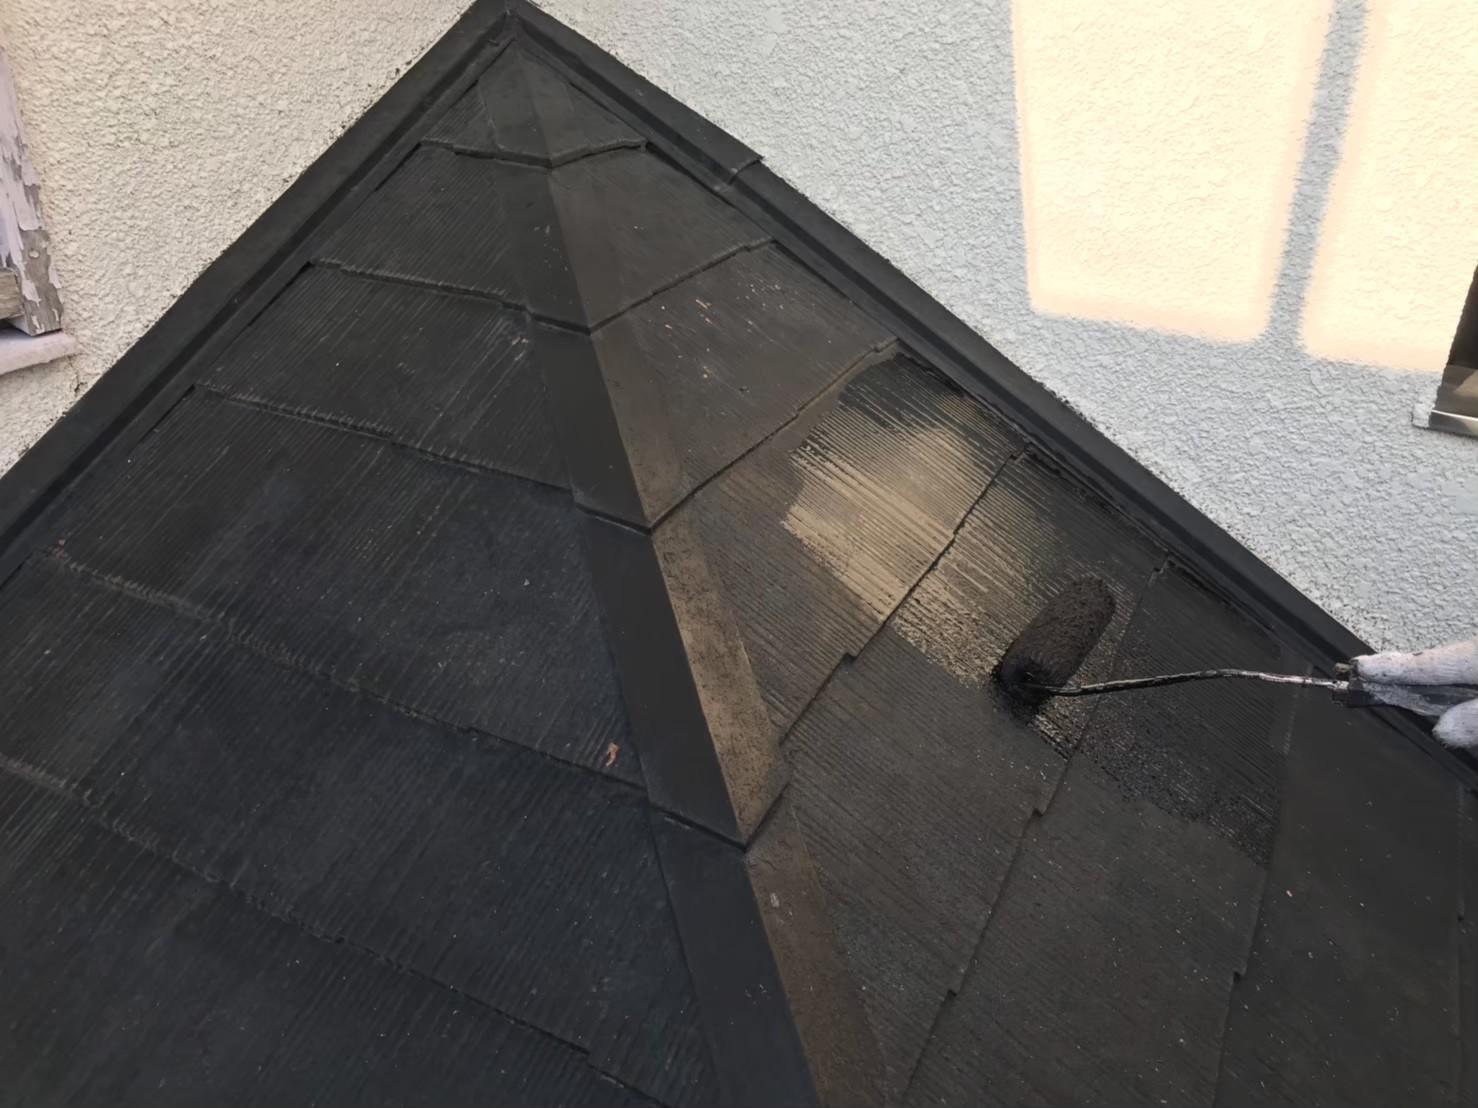 【施工完了報告!】塗装実績も多数あります!東京都東大和市で塗装工事完了★